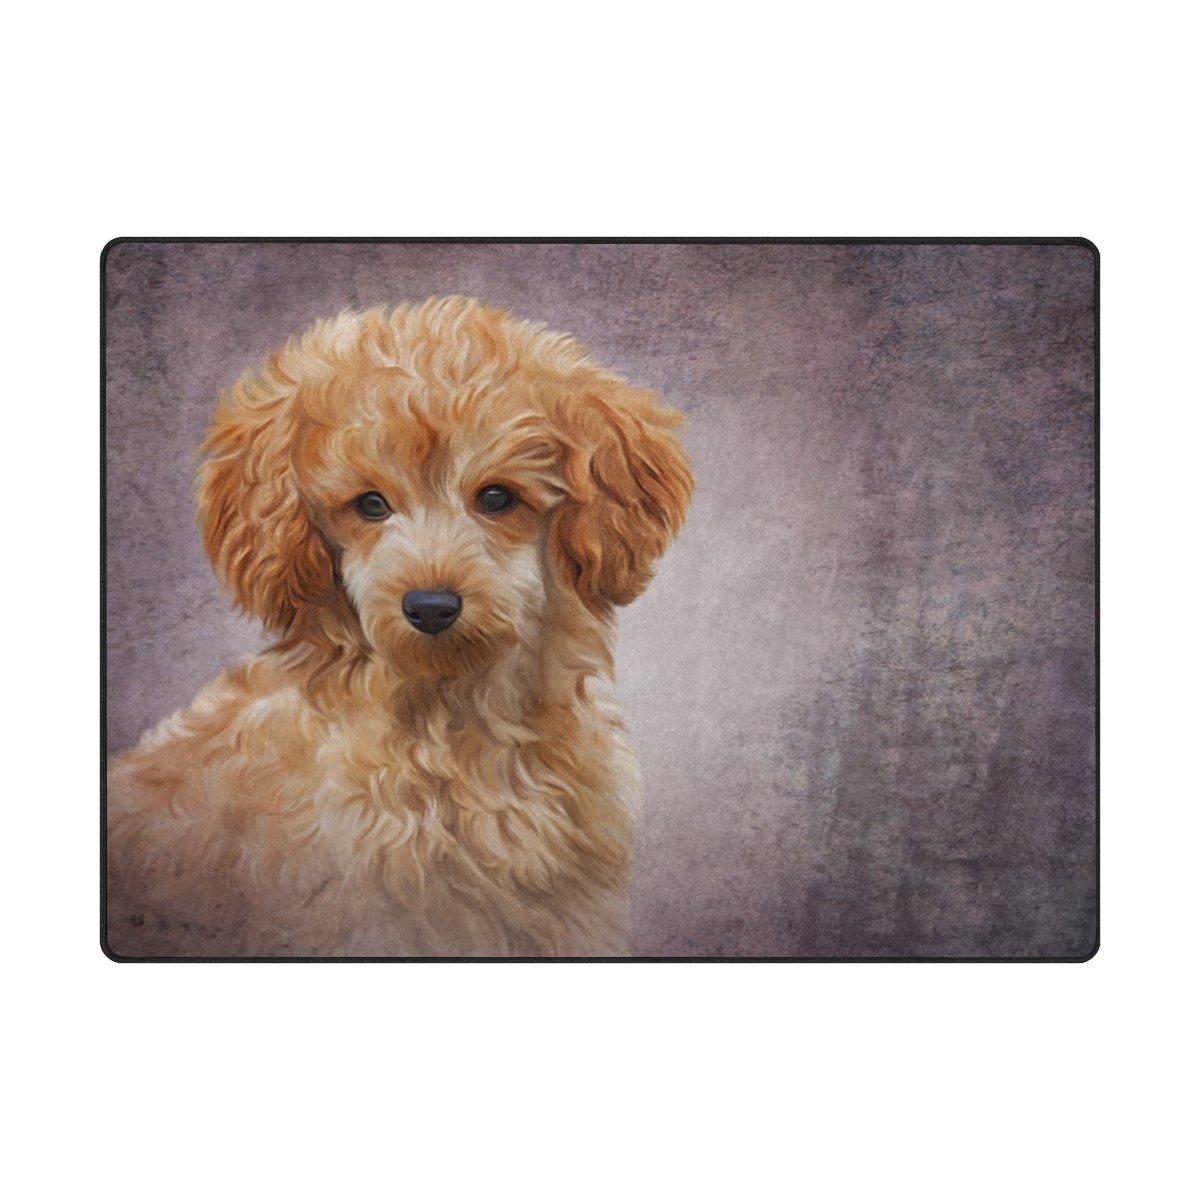 alaza Spielzeug-Pudel-Welpen-Hundeweinlese-Bereich Teppich 4' x 5'3', Wohnzimmer Schlafzimmer Küche Dekorative